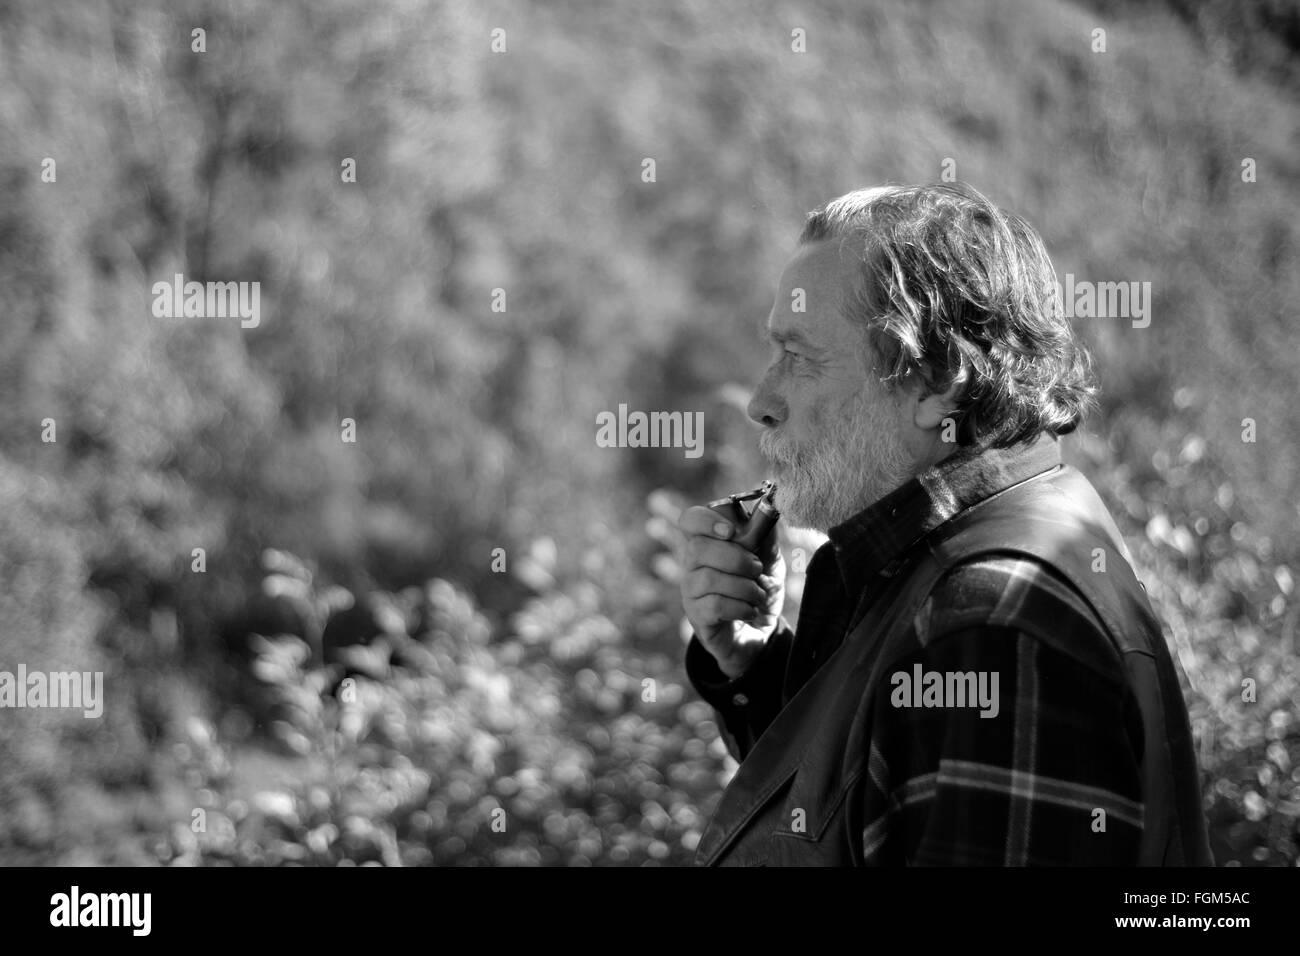 Viejo hombre fumar su pipa, la adicción de fumar es una adicción a lo largo de toda la vida a cada hora Imagen De Stock